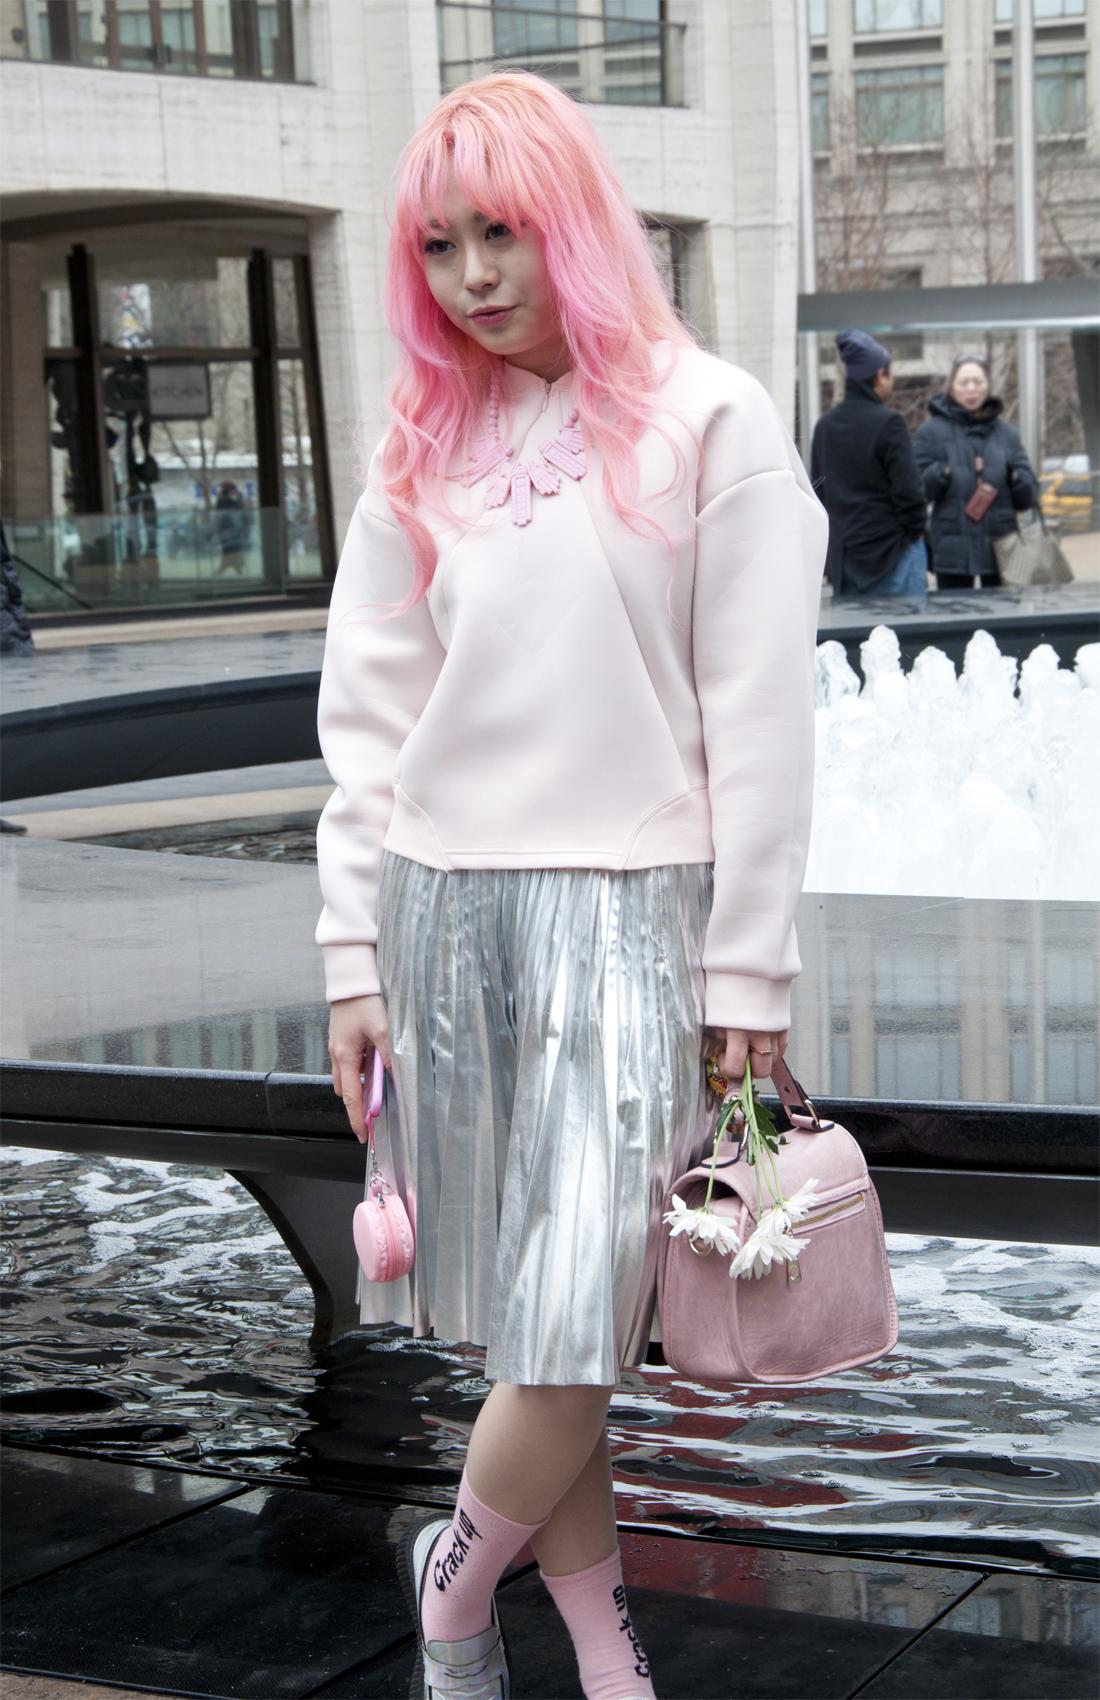 Eun Bi wearing ROCKET X LUNCH (sweatshirt + skirt), visiting from Korea for her first NYFW